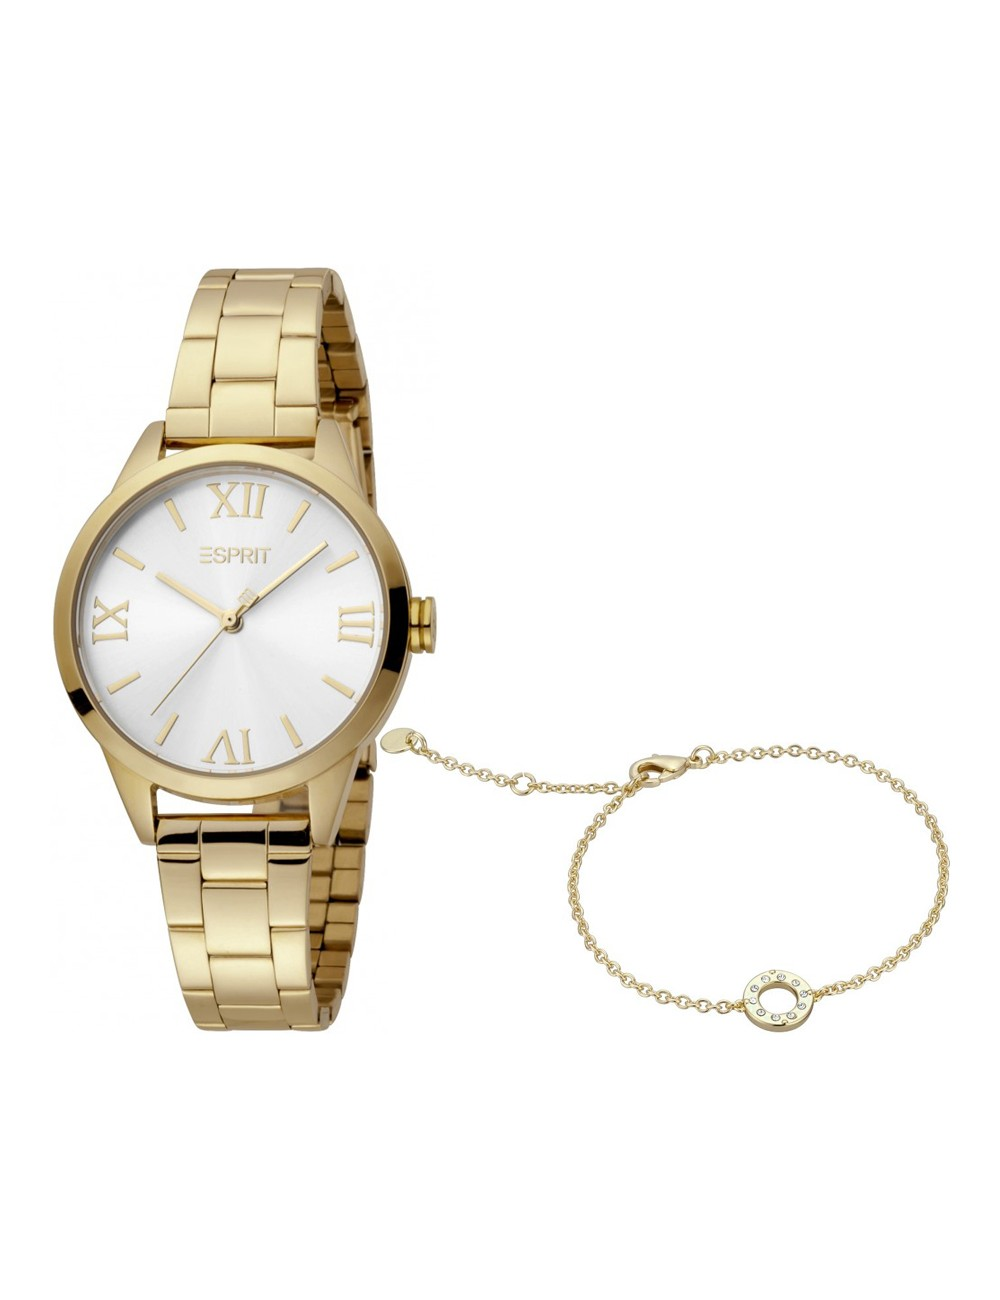 Esprit ES1L259M0065 Nova Silver Gold MB Ladies Watch